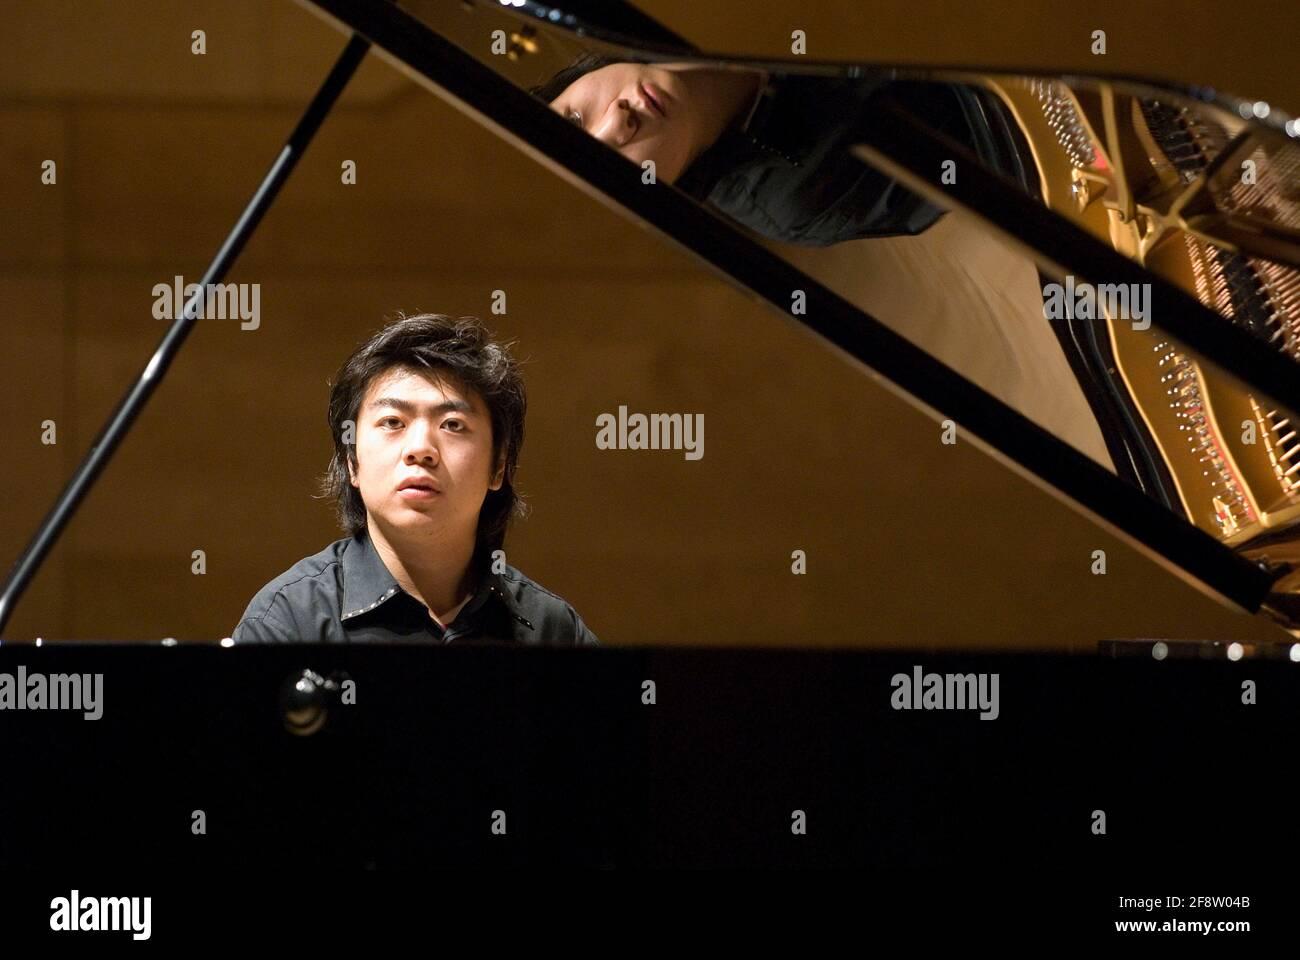 DEU, Deutschland, Ruhrgebiet, Essen, 10.02.2006: Der Pianist Lang Lang Lang BEI der Probe vor seinem Konzert in der Philharmonie Essen. [(c) Michael Kneffe Banque D'Images